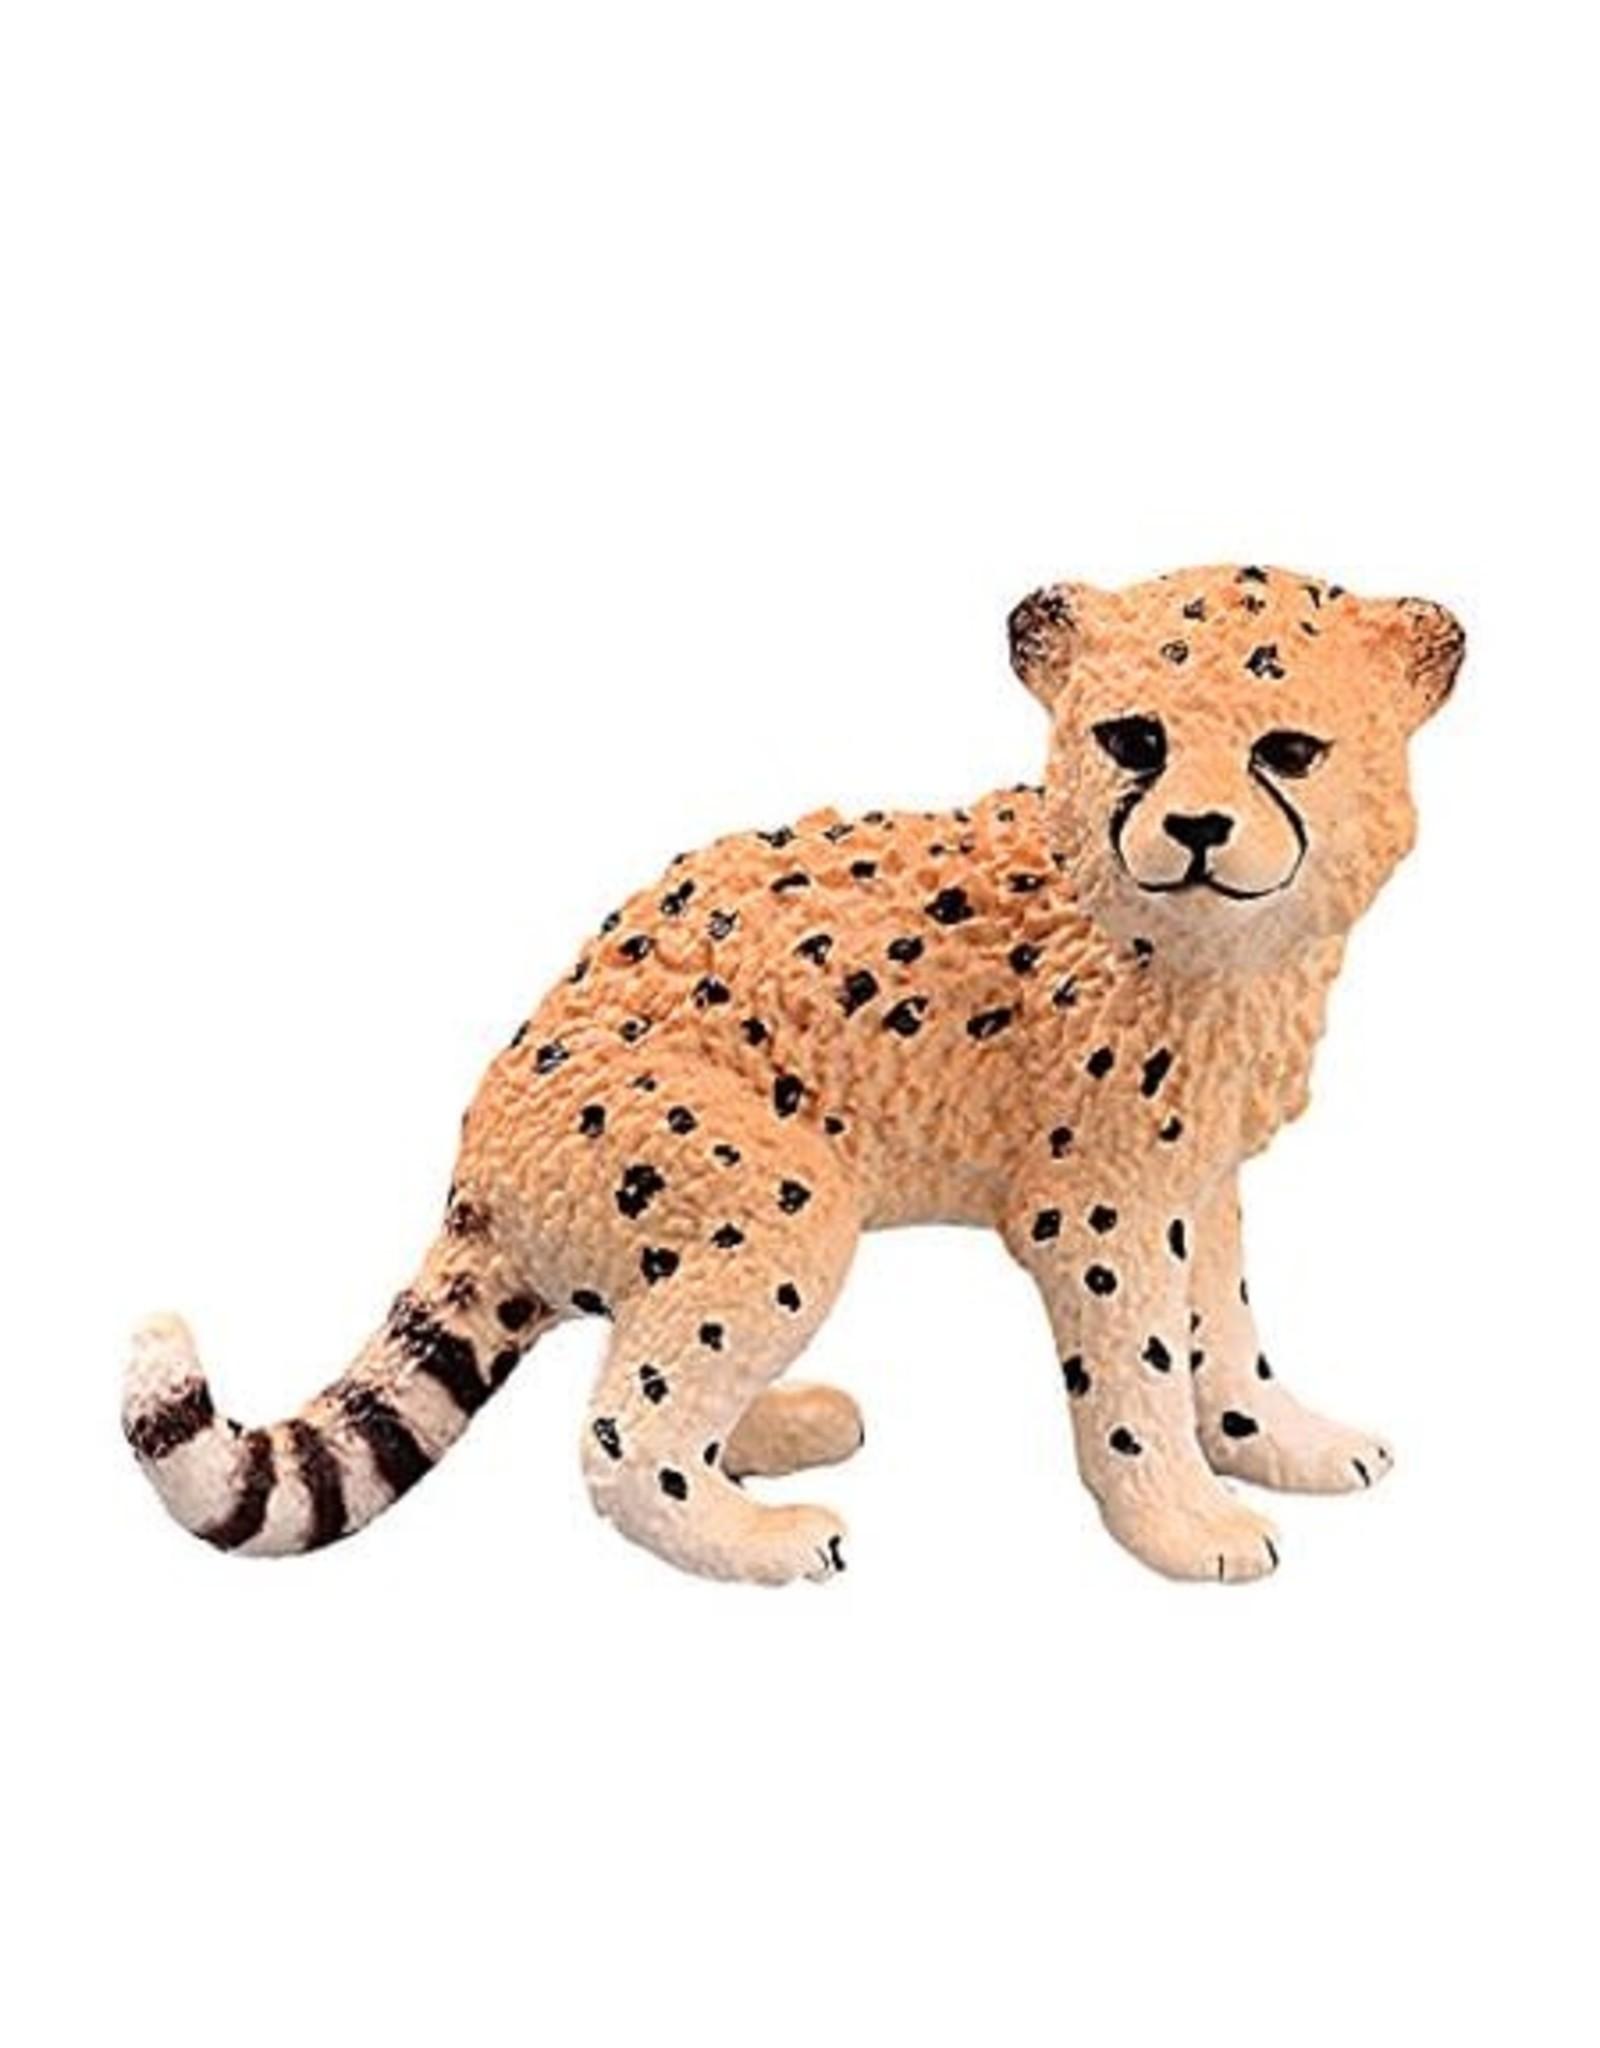 Schleich Cheetah, Cub